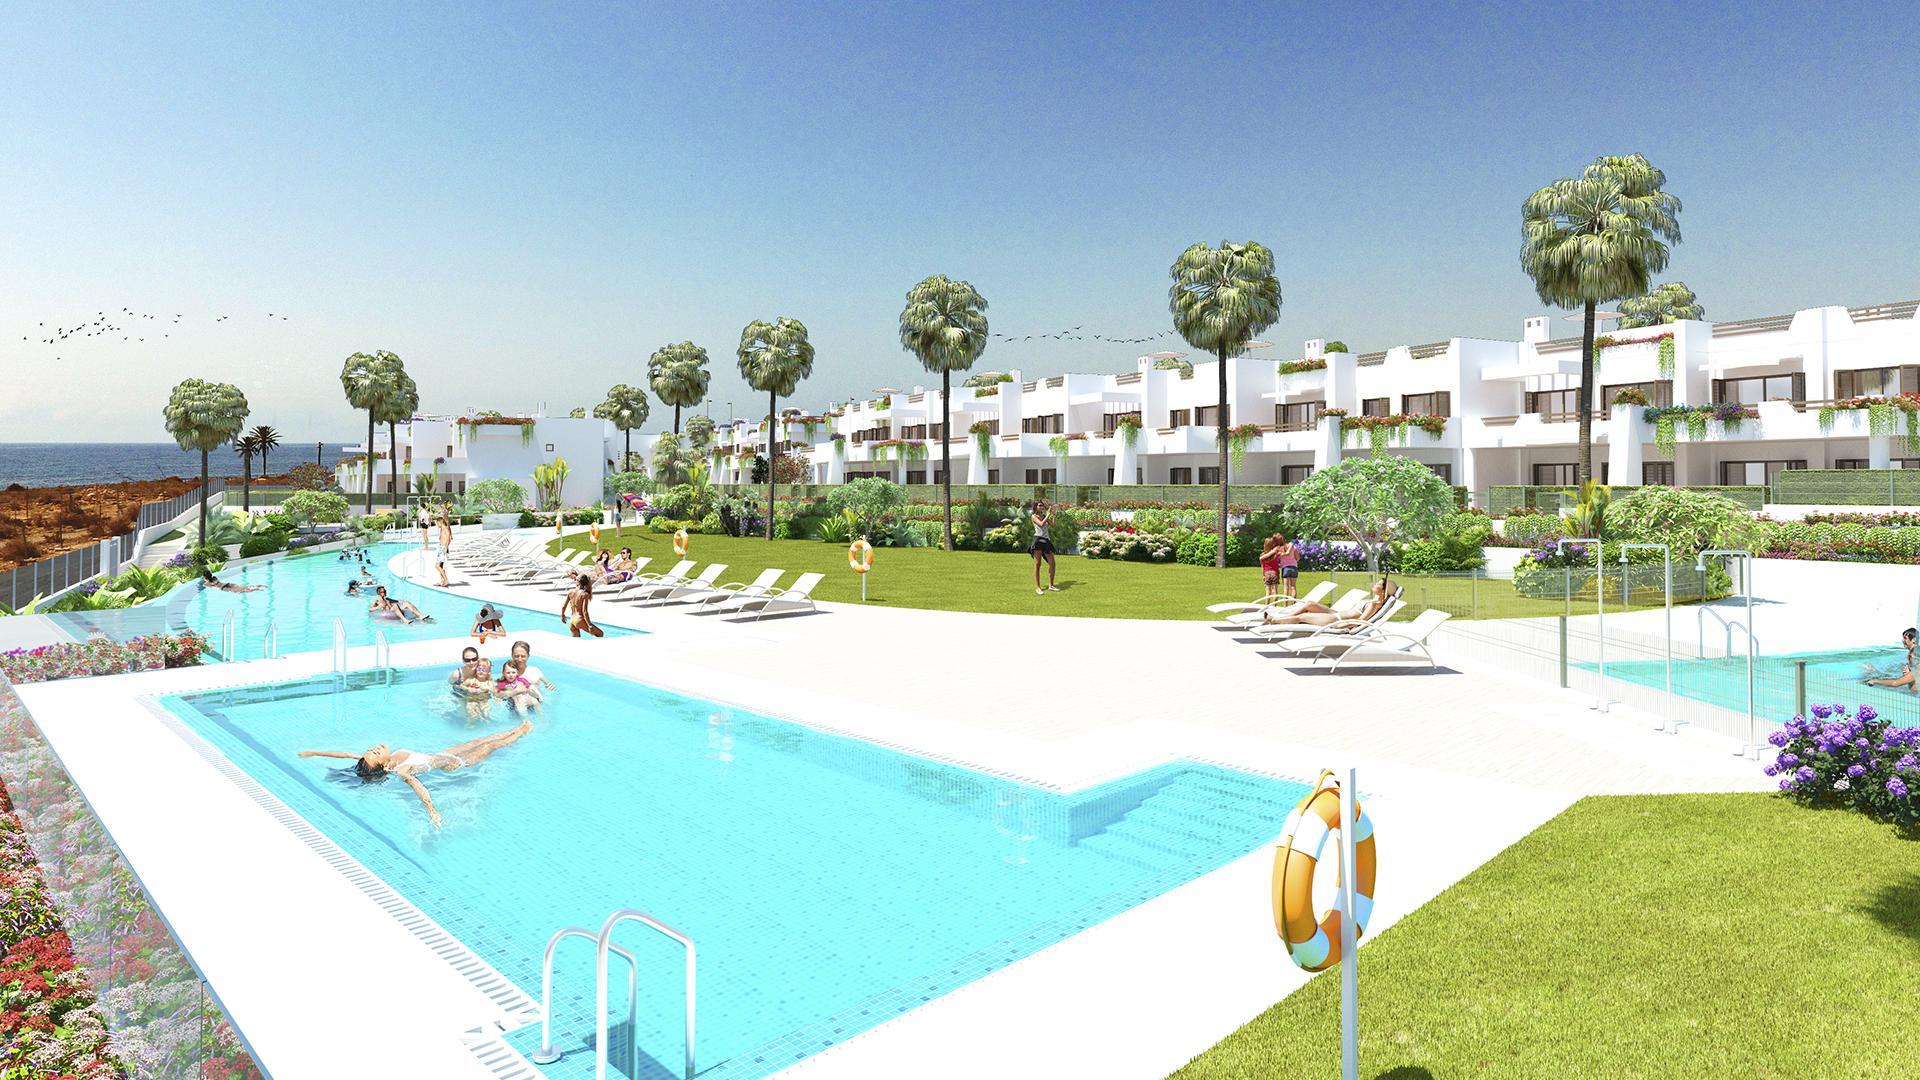 Penthouse 1ste lijn aan zee Mar de Pulpi - fase 6 in Medvilla Spanje